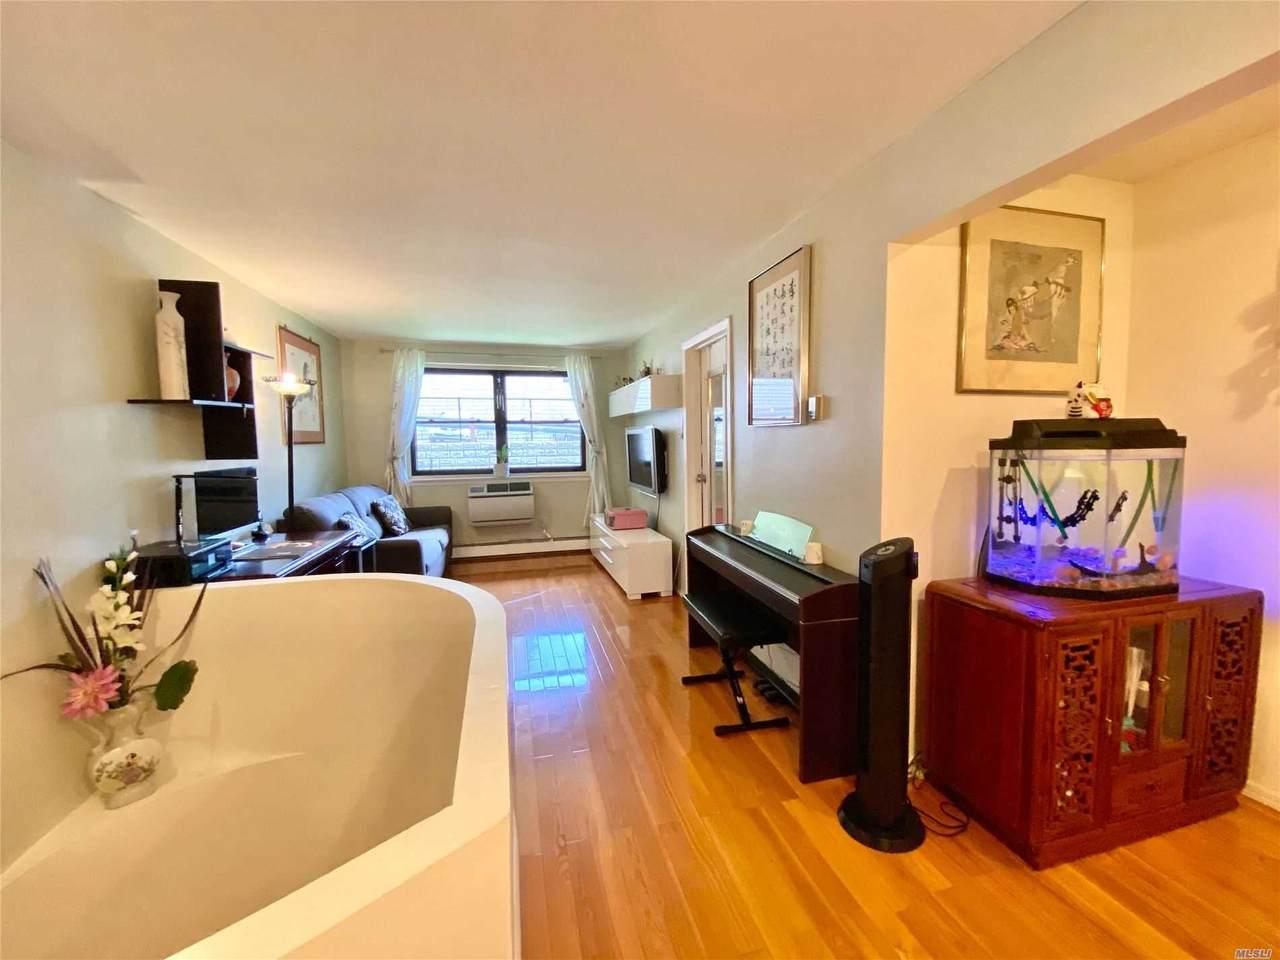 240-08 70th Avenue - Photo 1